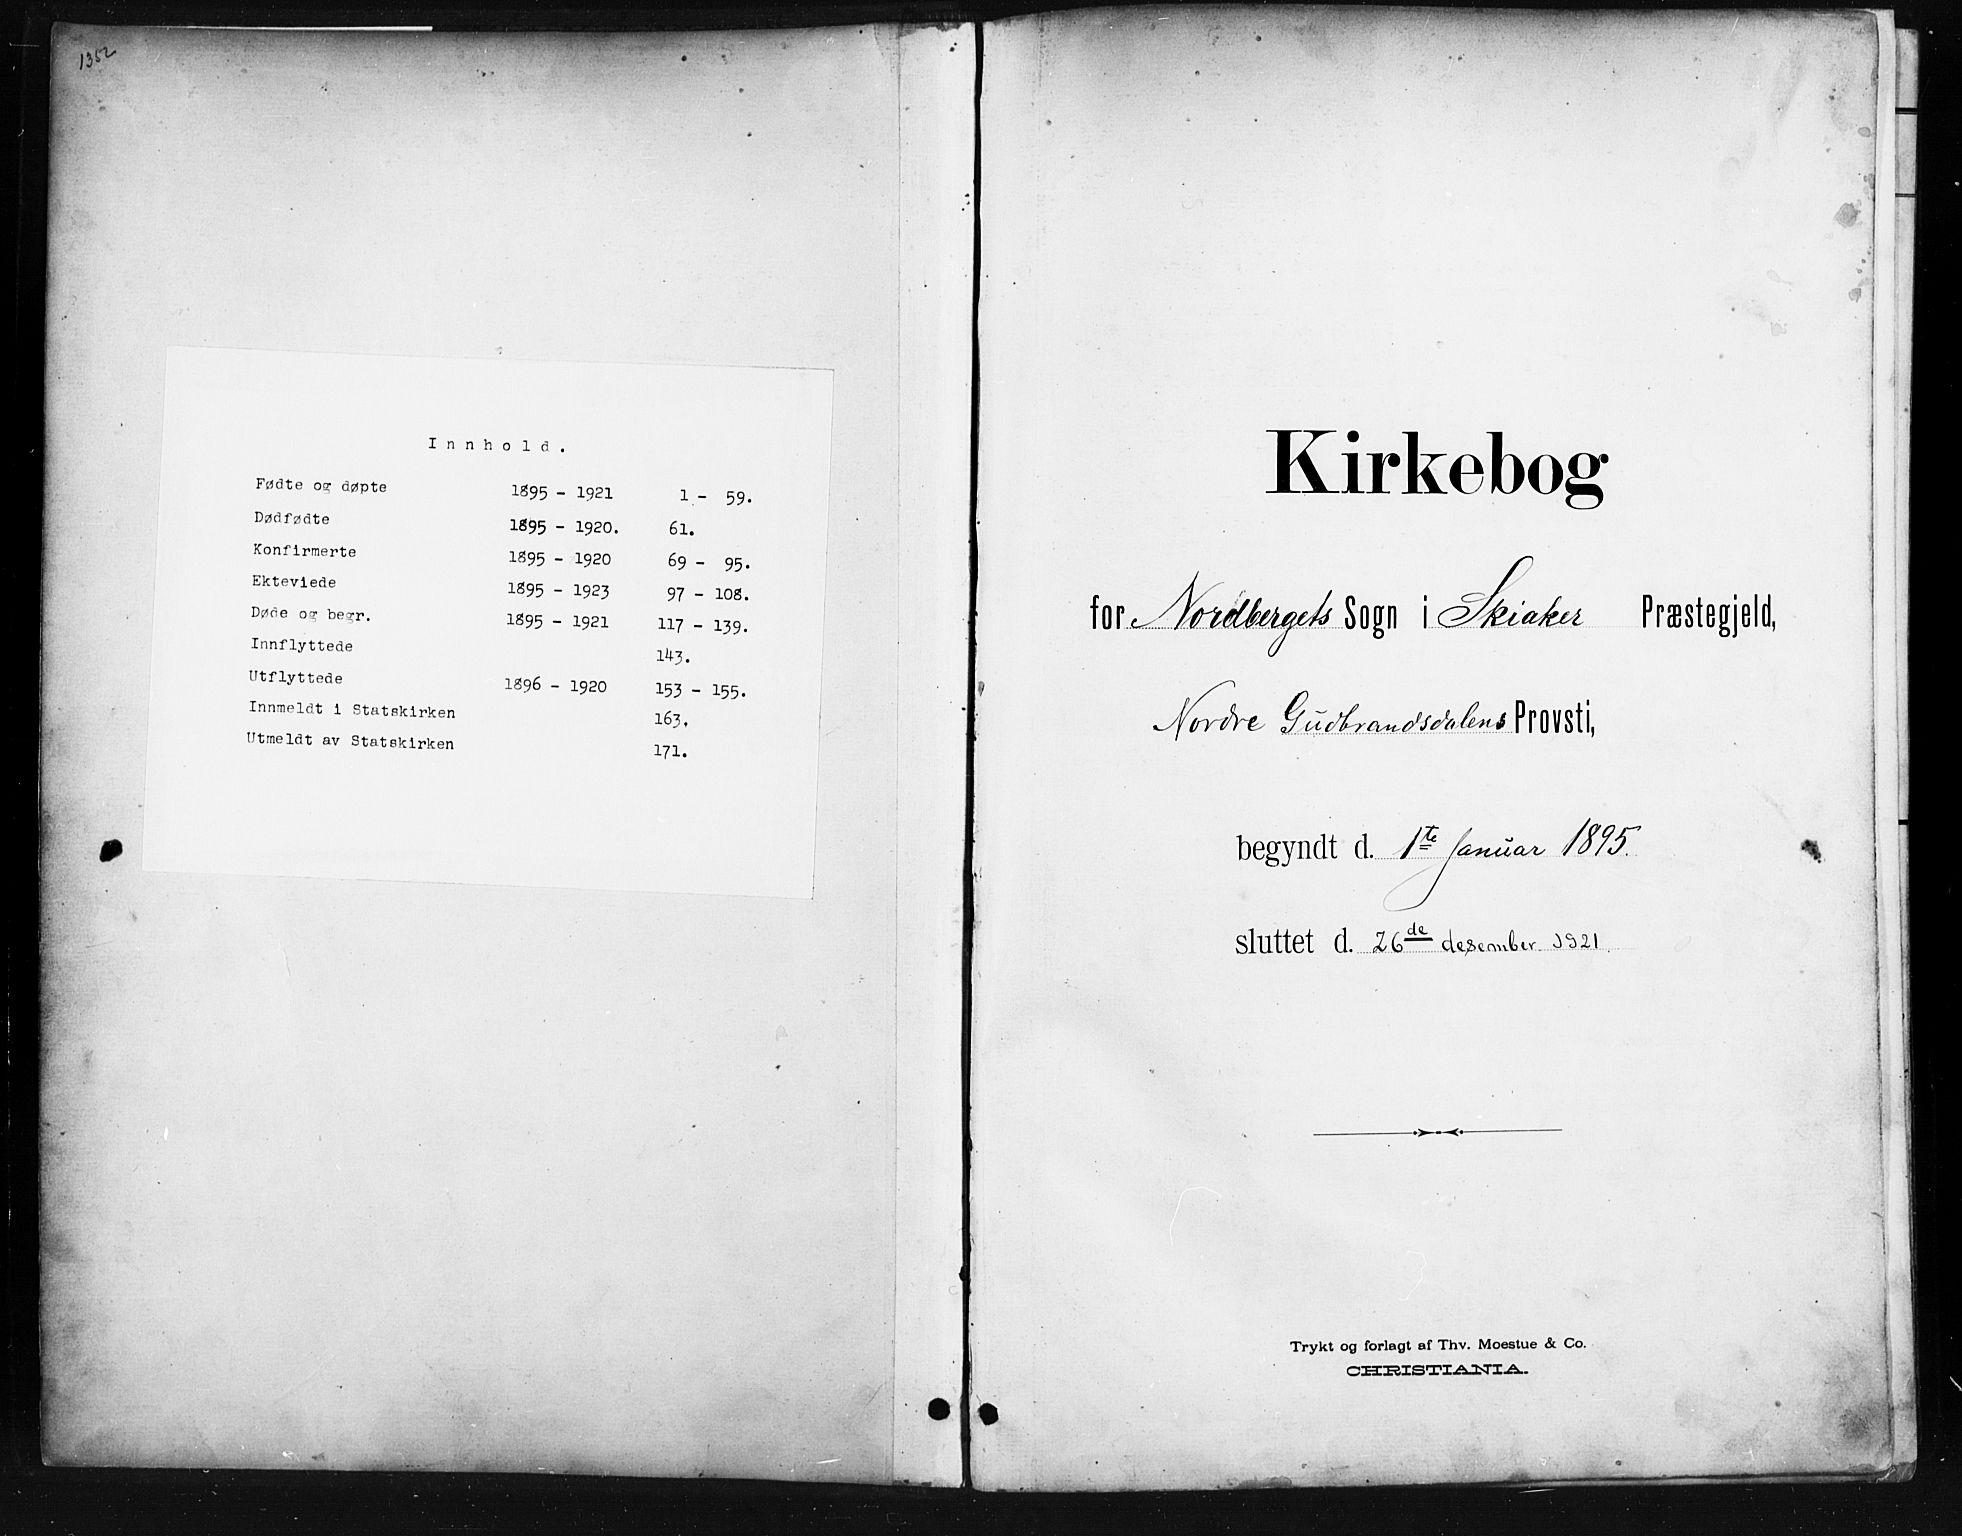 SAH, Skjåk prestekontor, Klokkerbok nr. 4, 1895-1921